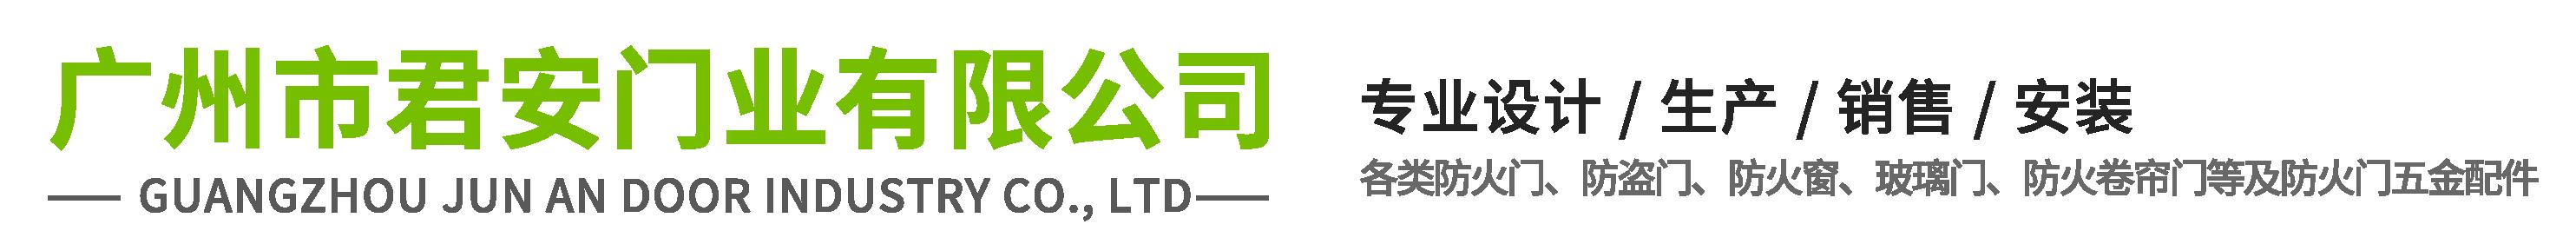 广州市君安门业有限公司